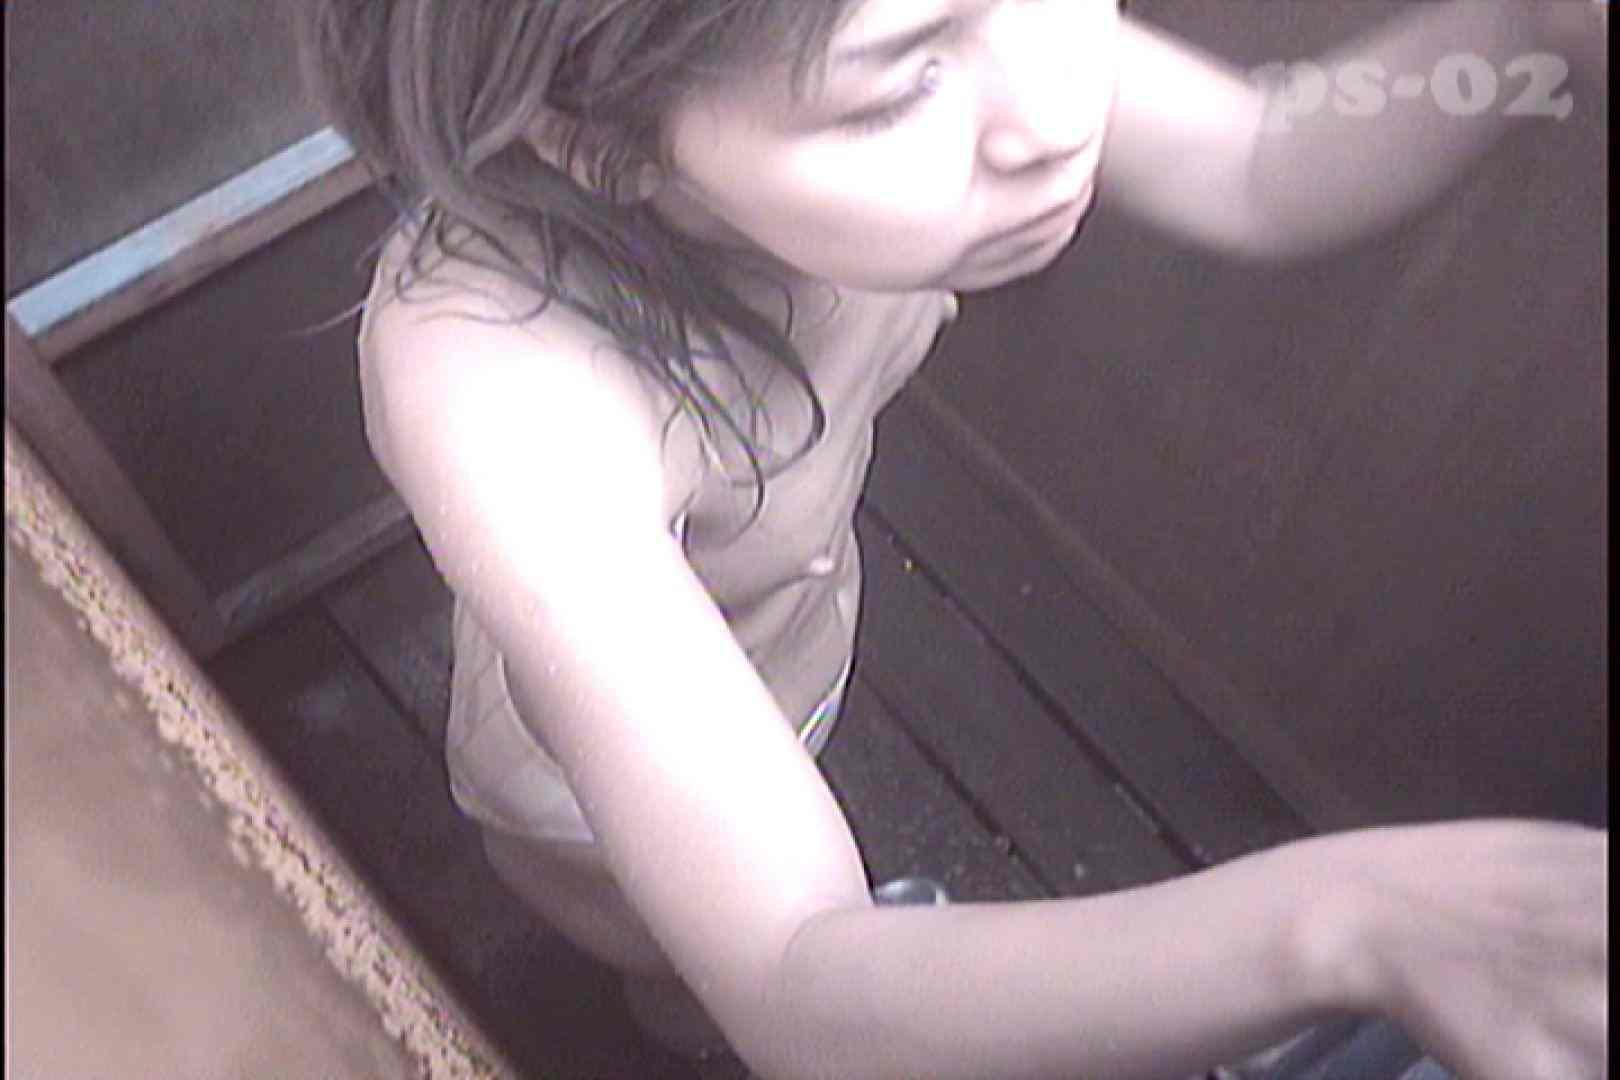 File.09 貧乳そして大きな乳首のお女市さん 名人 | 盗撮・必見  61画像 33